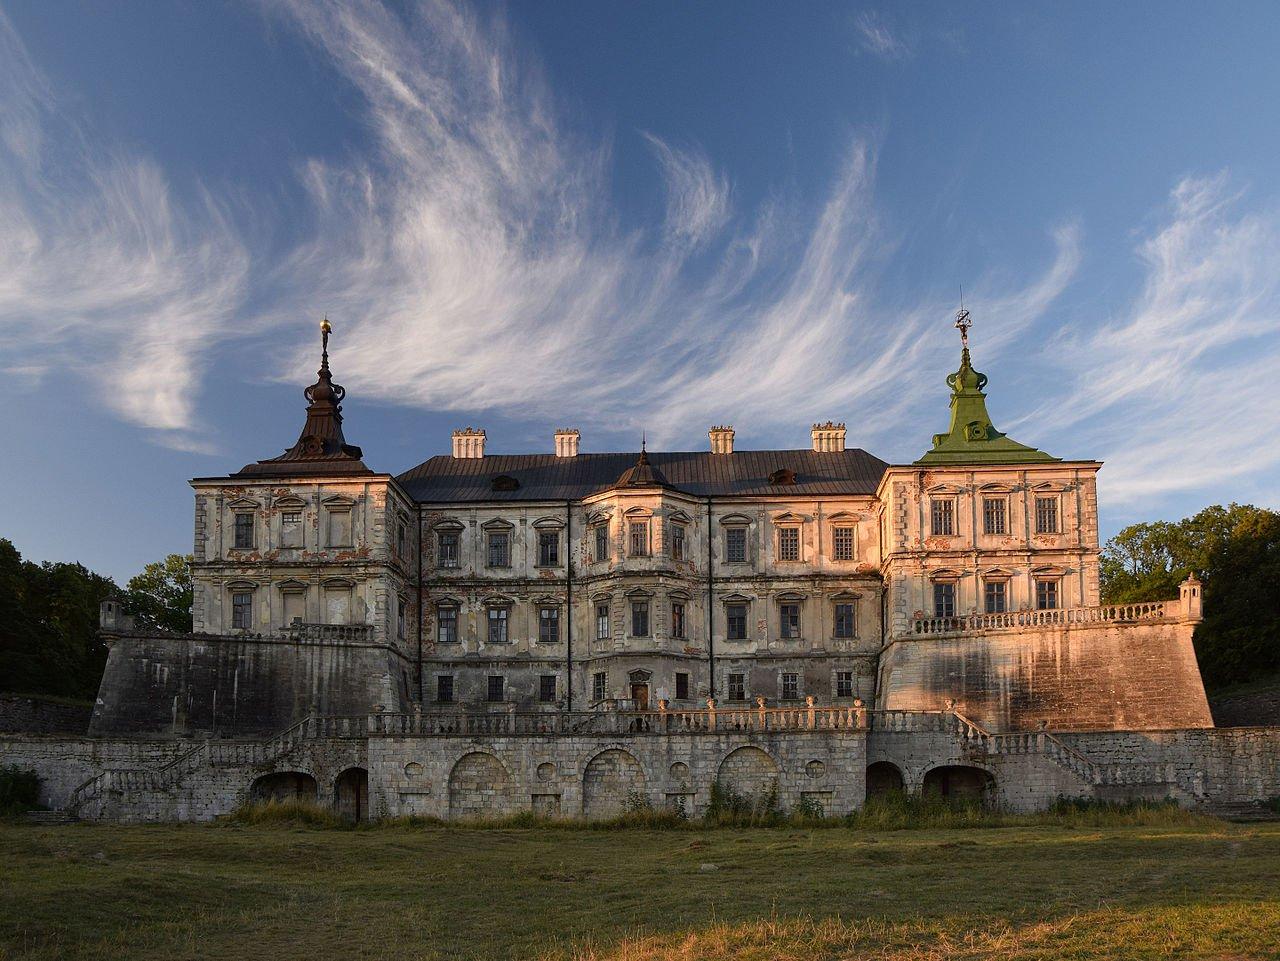 Невероятная Украина. От Луцка до Львова: 9 замков, подземелья и лавра (ФОТО, КАРТА, ЦЕНЫ), фото-26